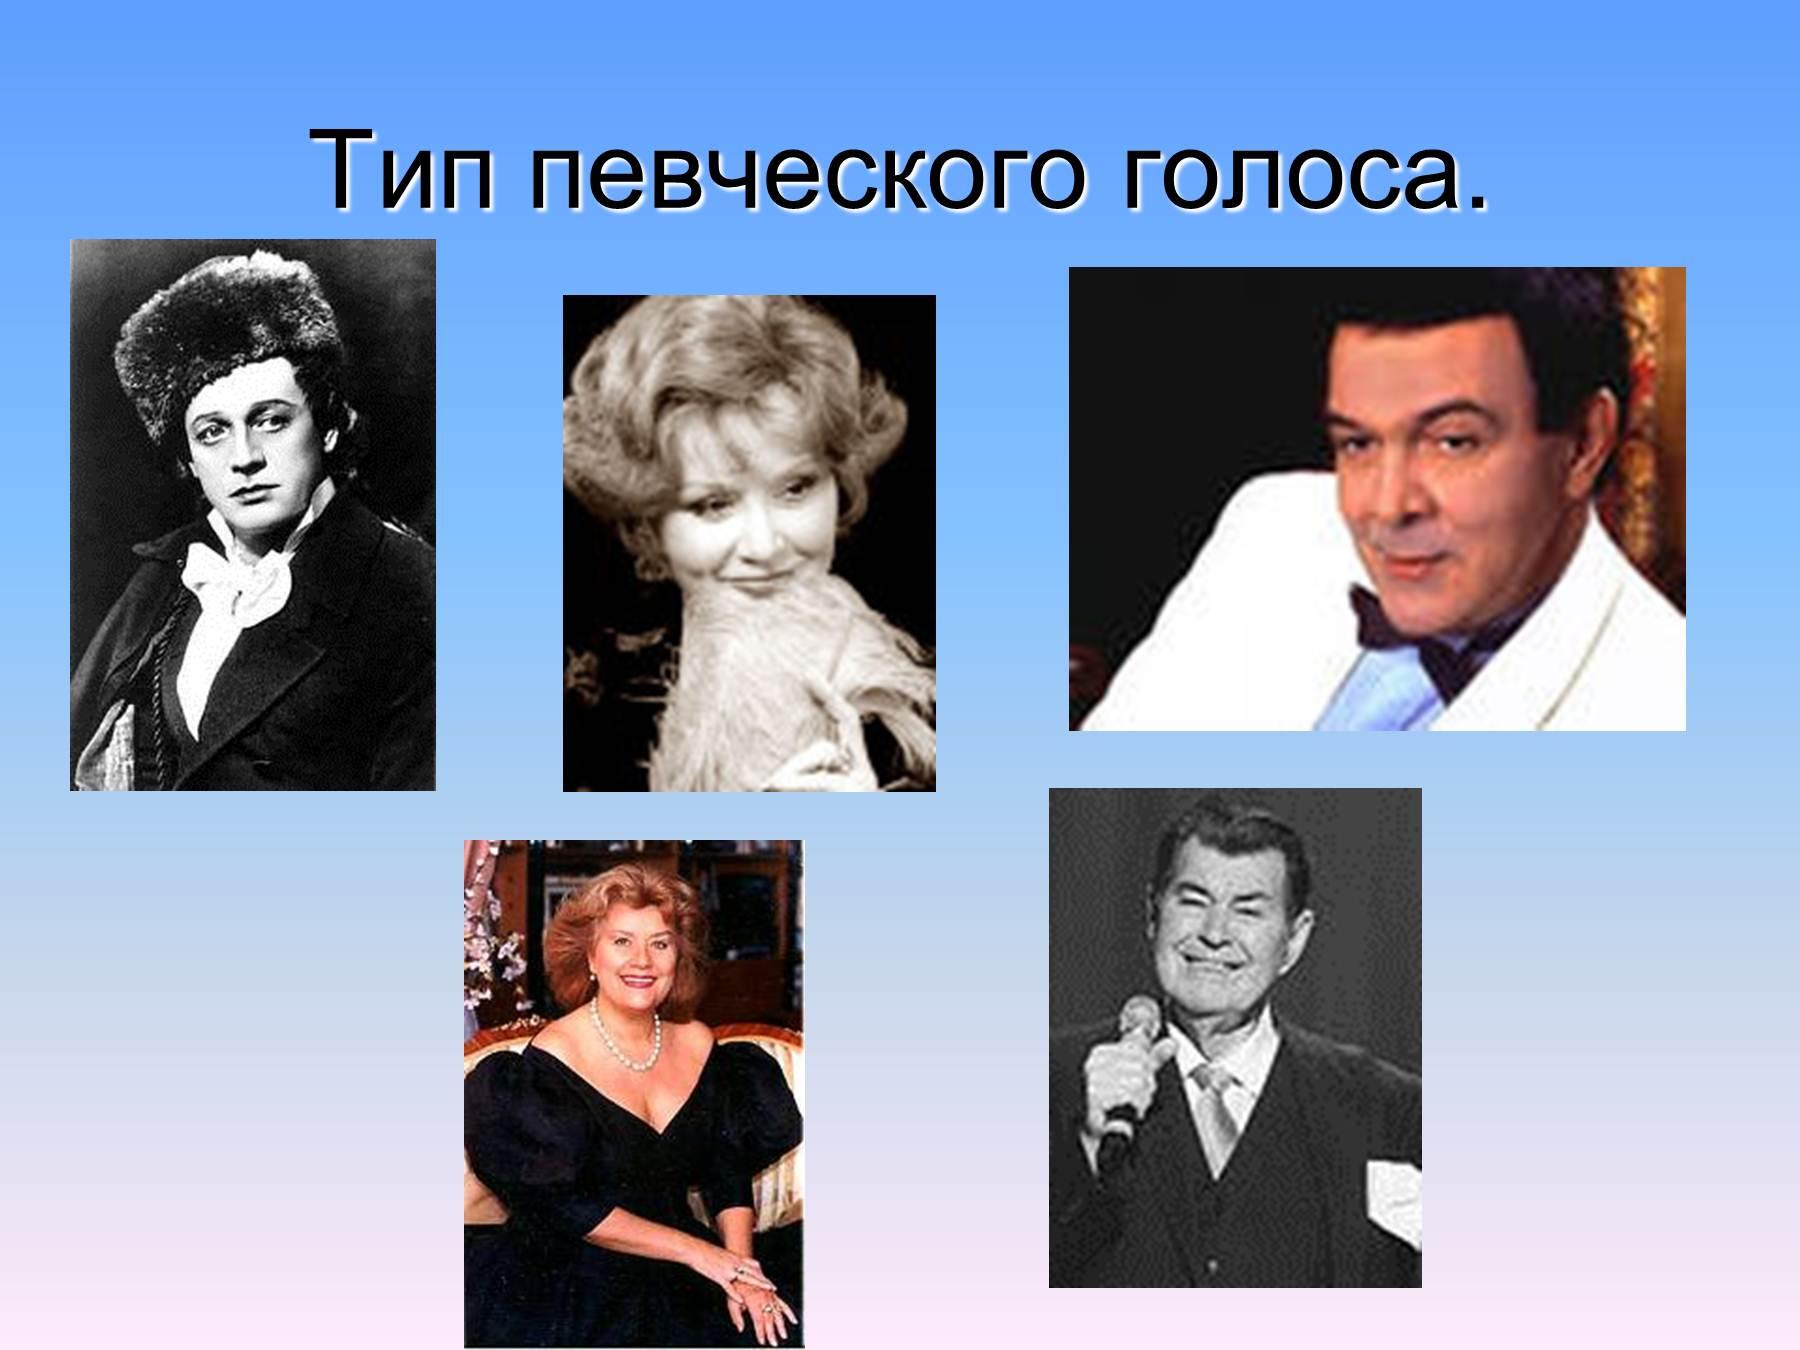 Музыкальное поздравление с днём рождения на татарском языке